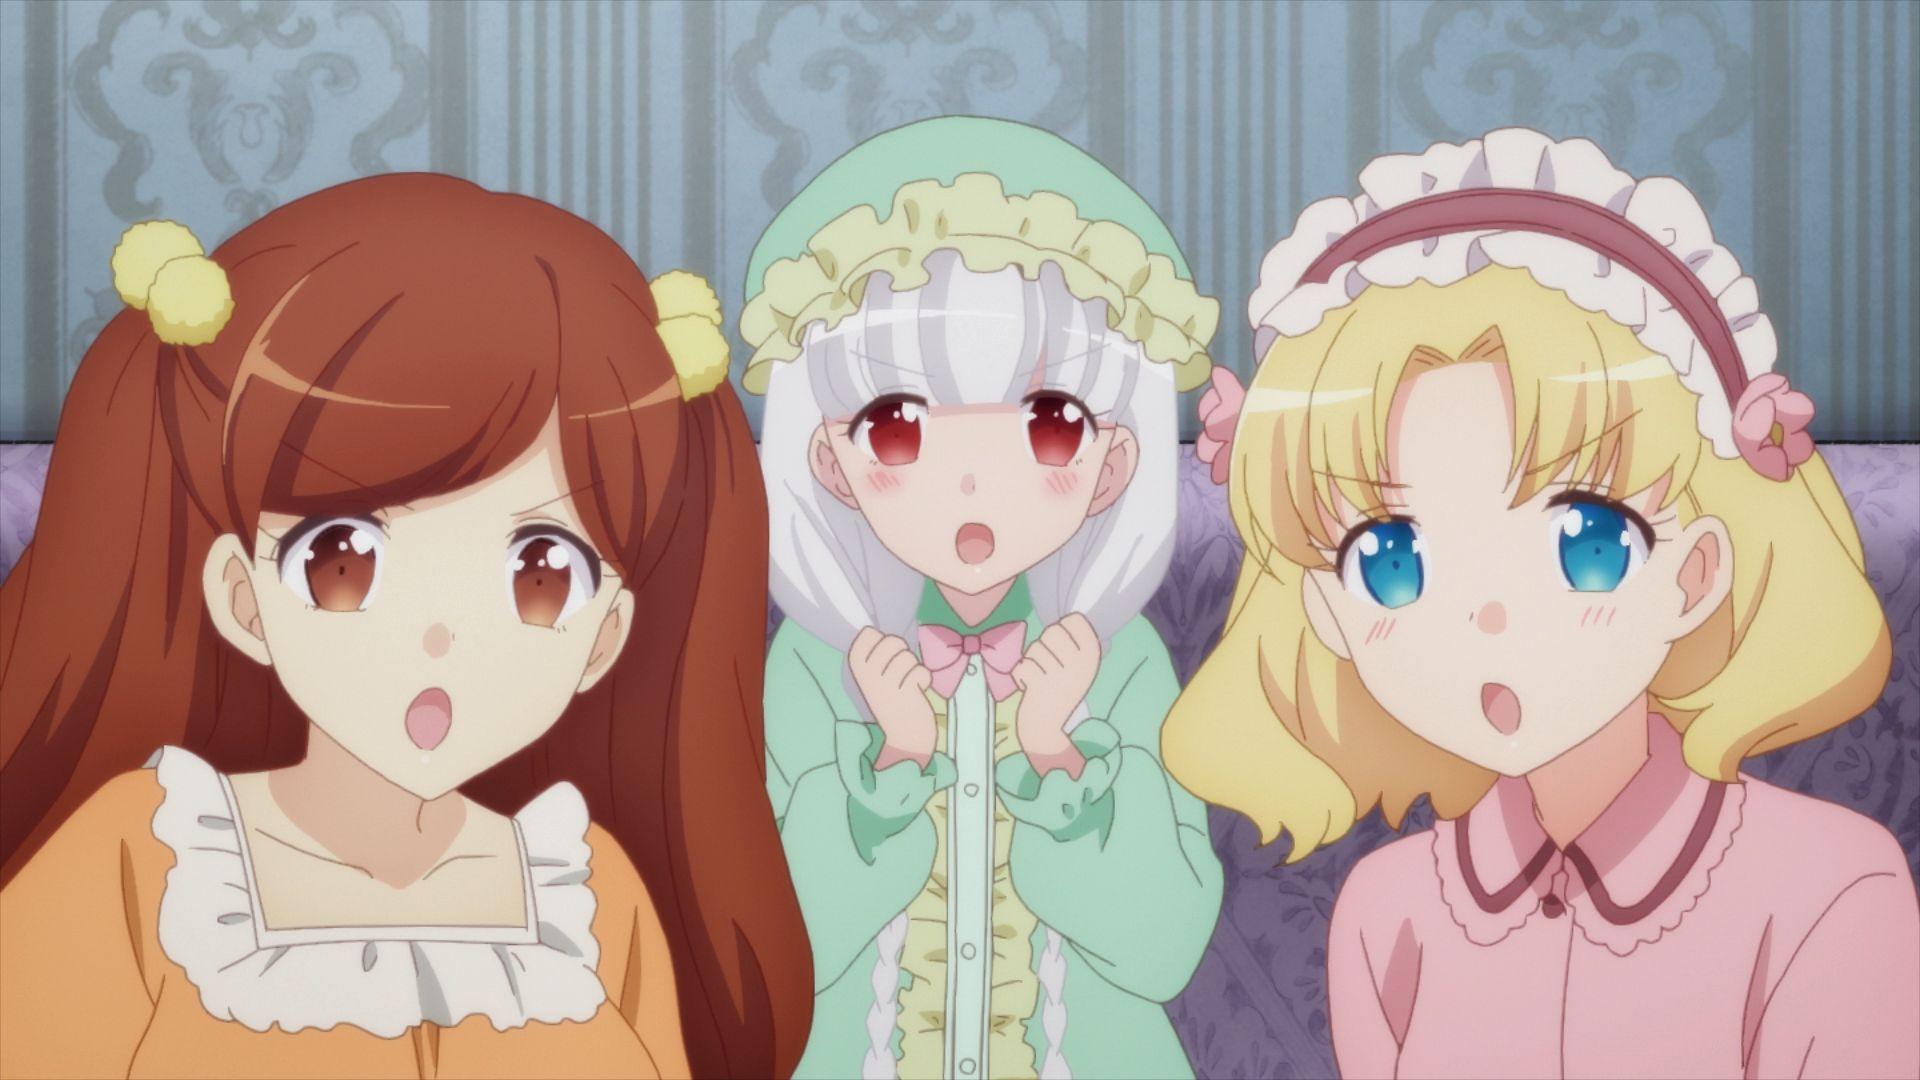 出典:「乙女ゲームの破滅フラグしかない悪役令嬢に転生してしまった」公式ページ